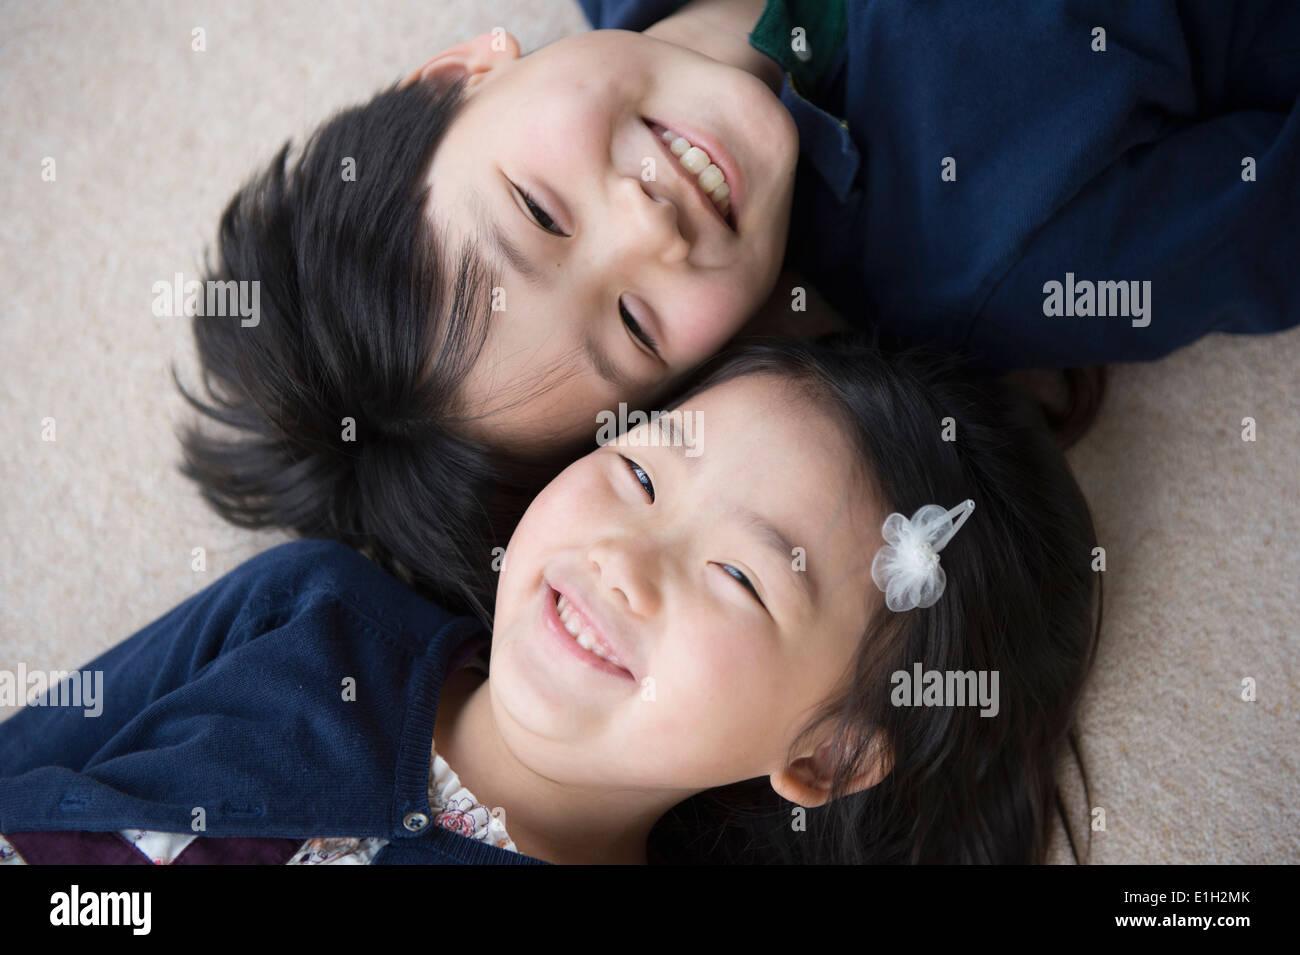 Portrait de frère et sœur couchée sur un tapis Photo Stock